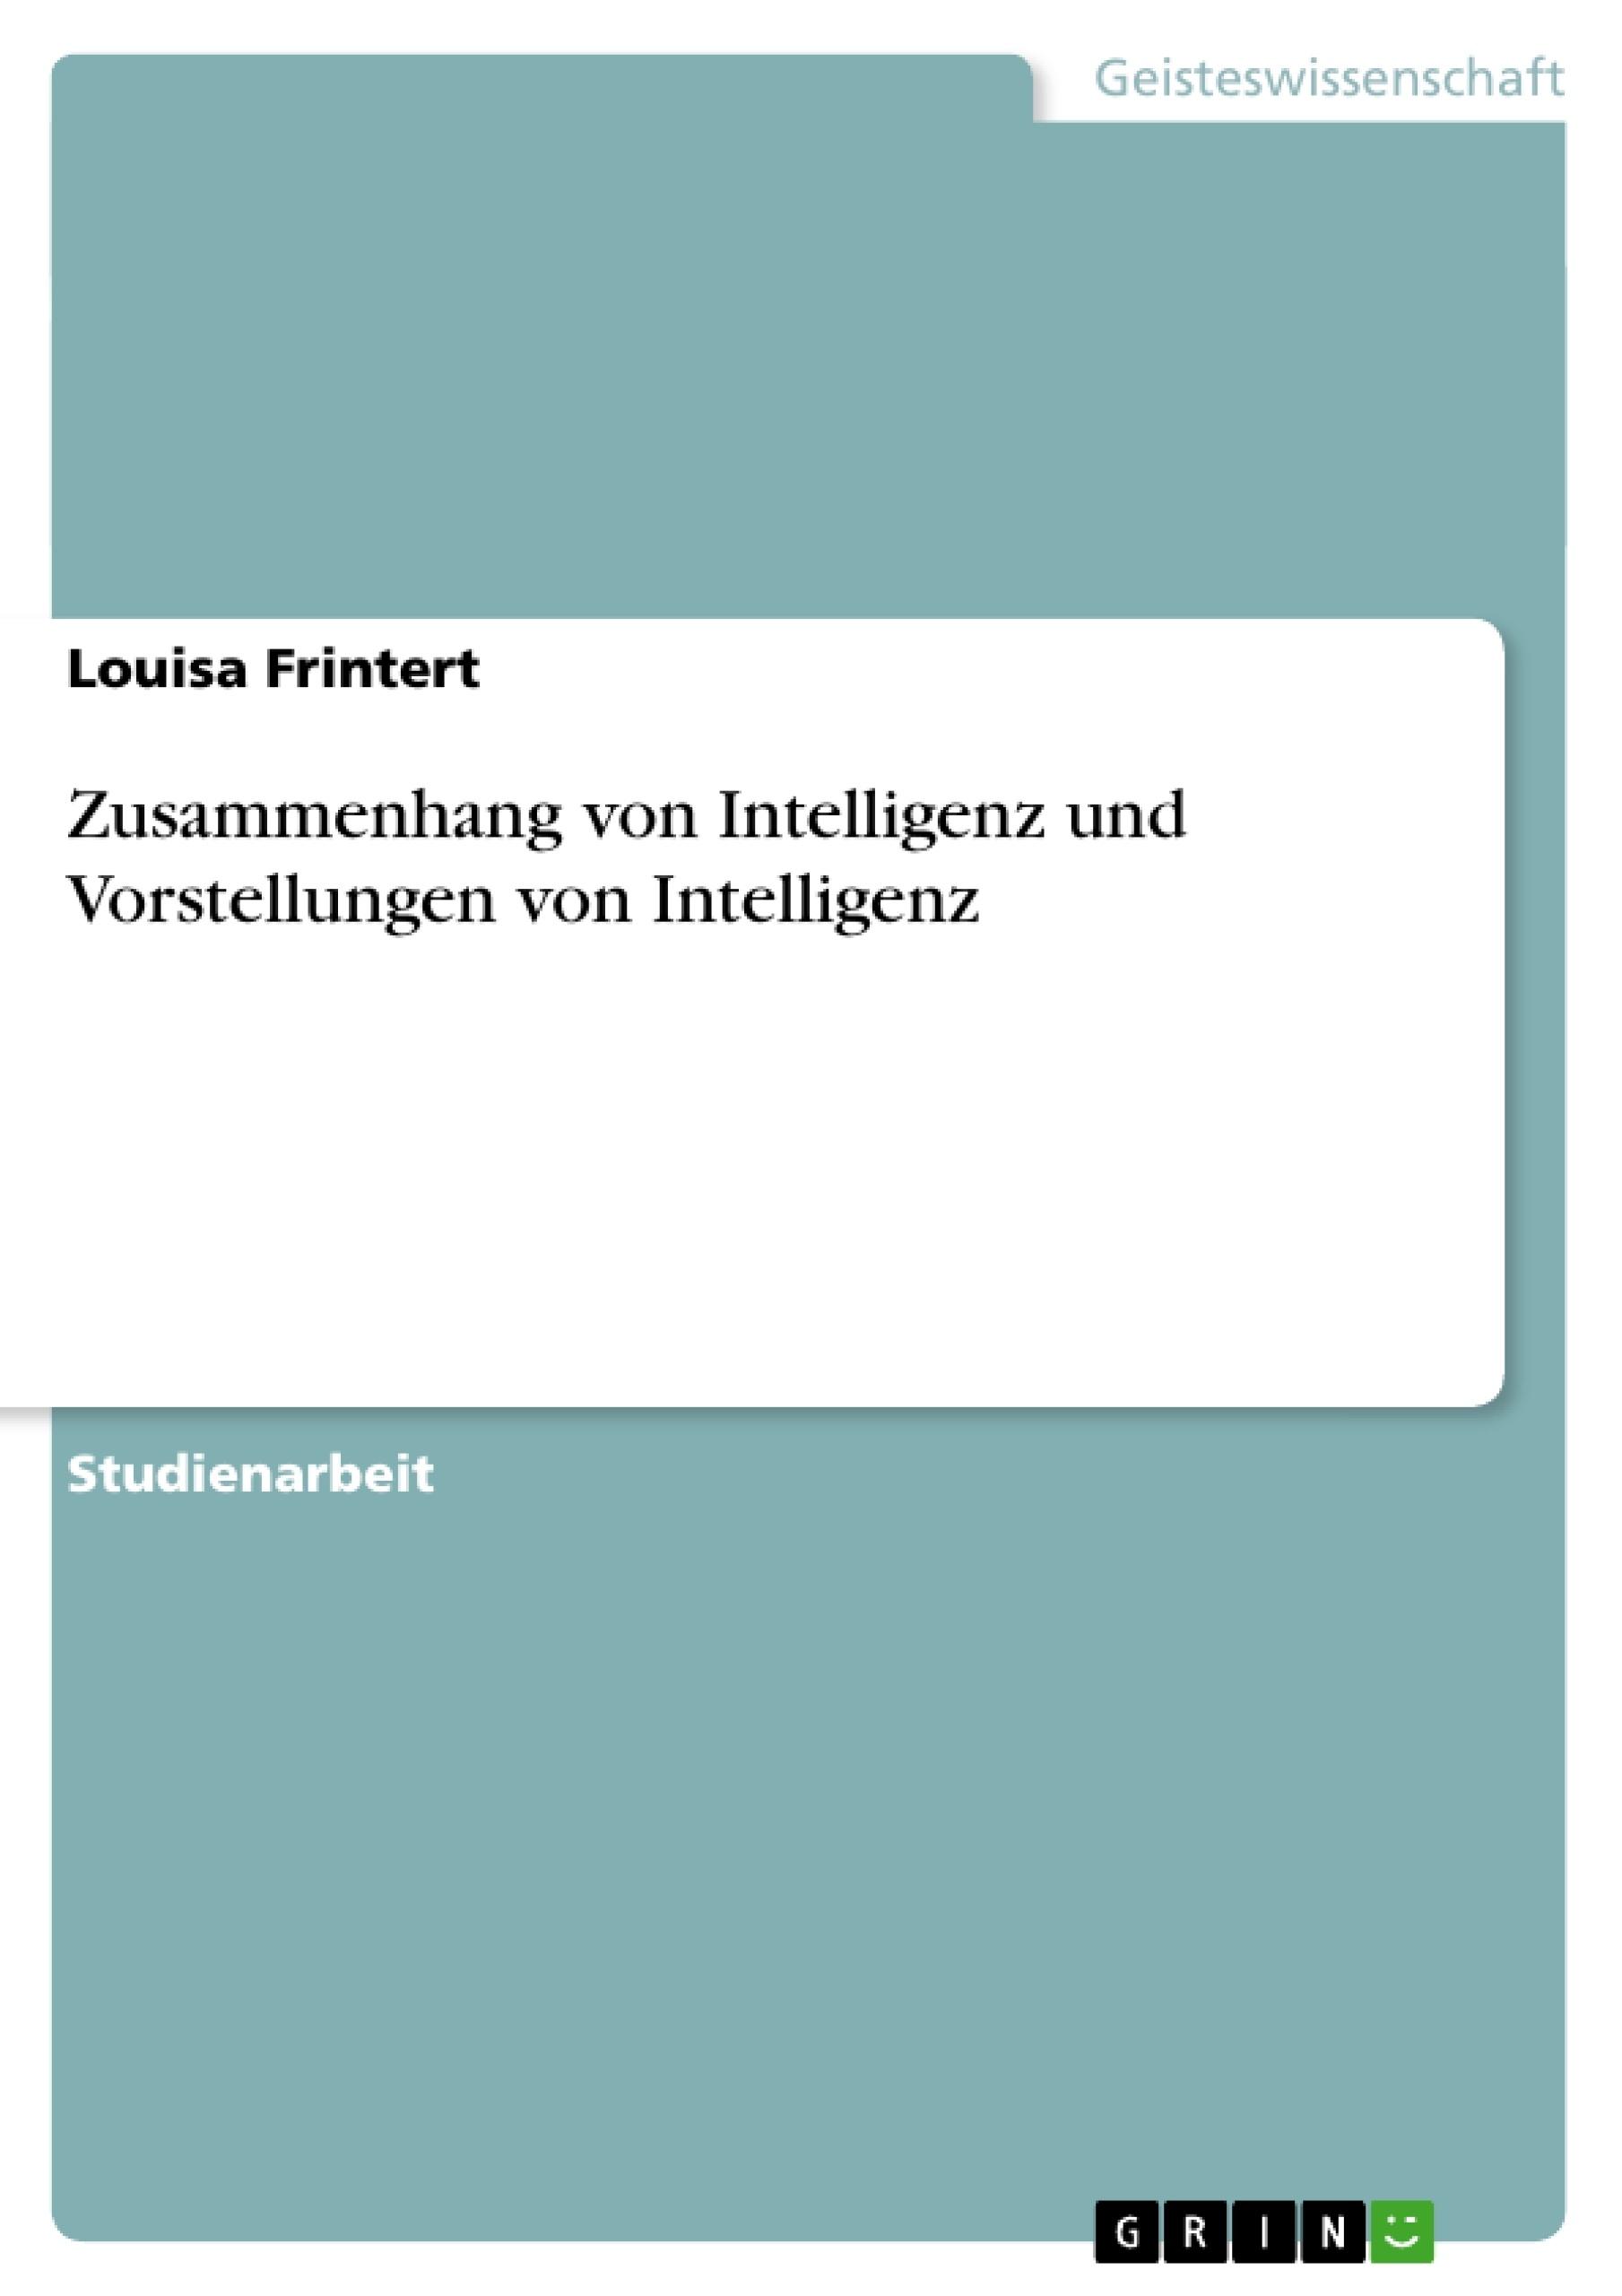 Titel: Zusammenhang von Intelligenz und Vorstellungen von Intelligenz